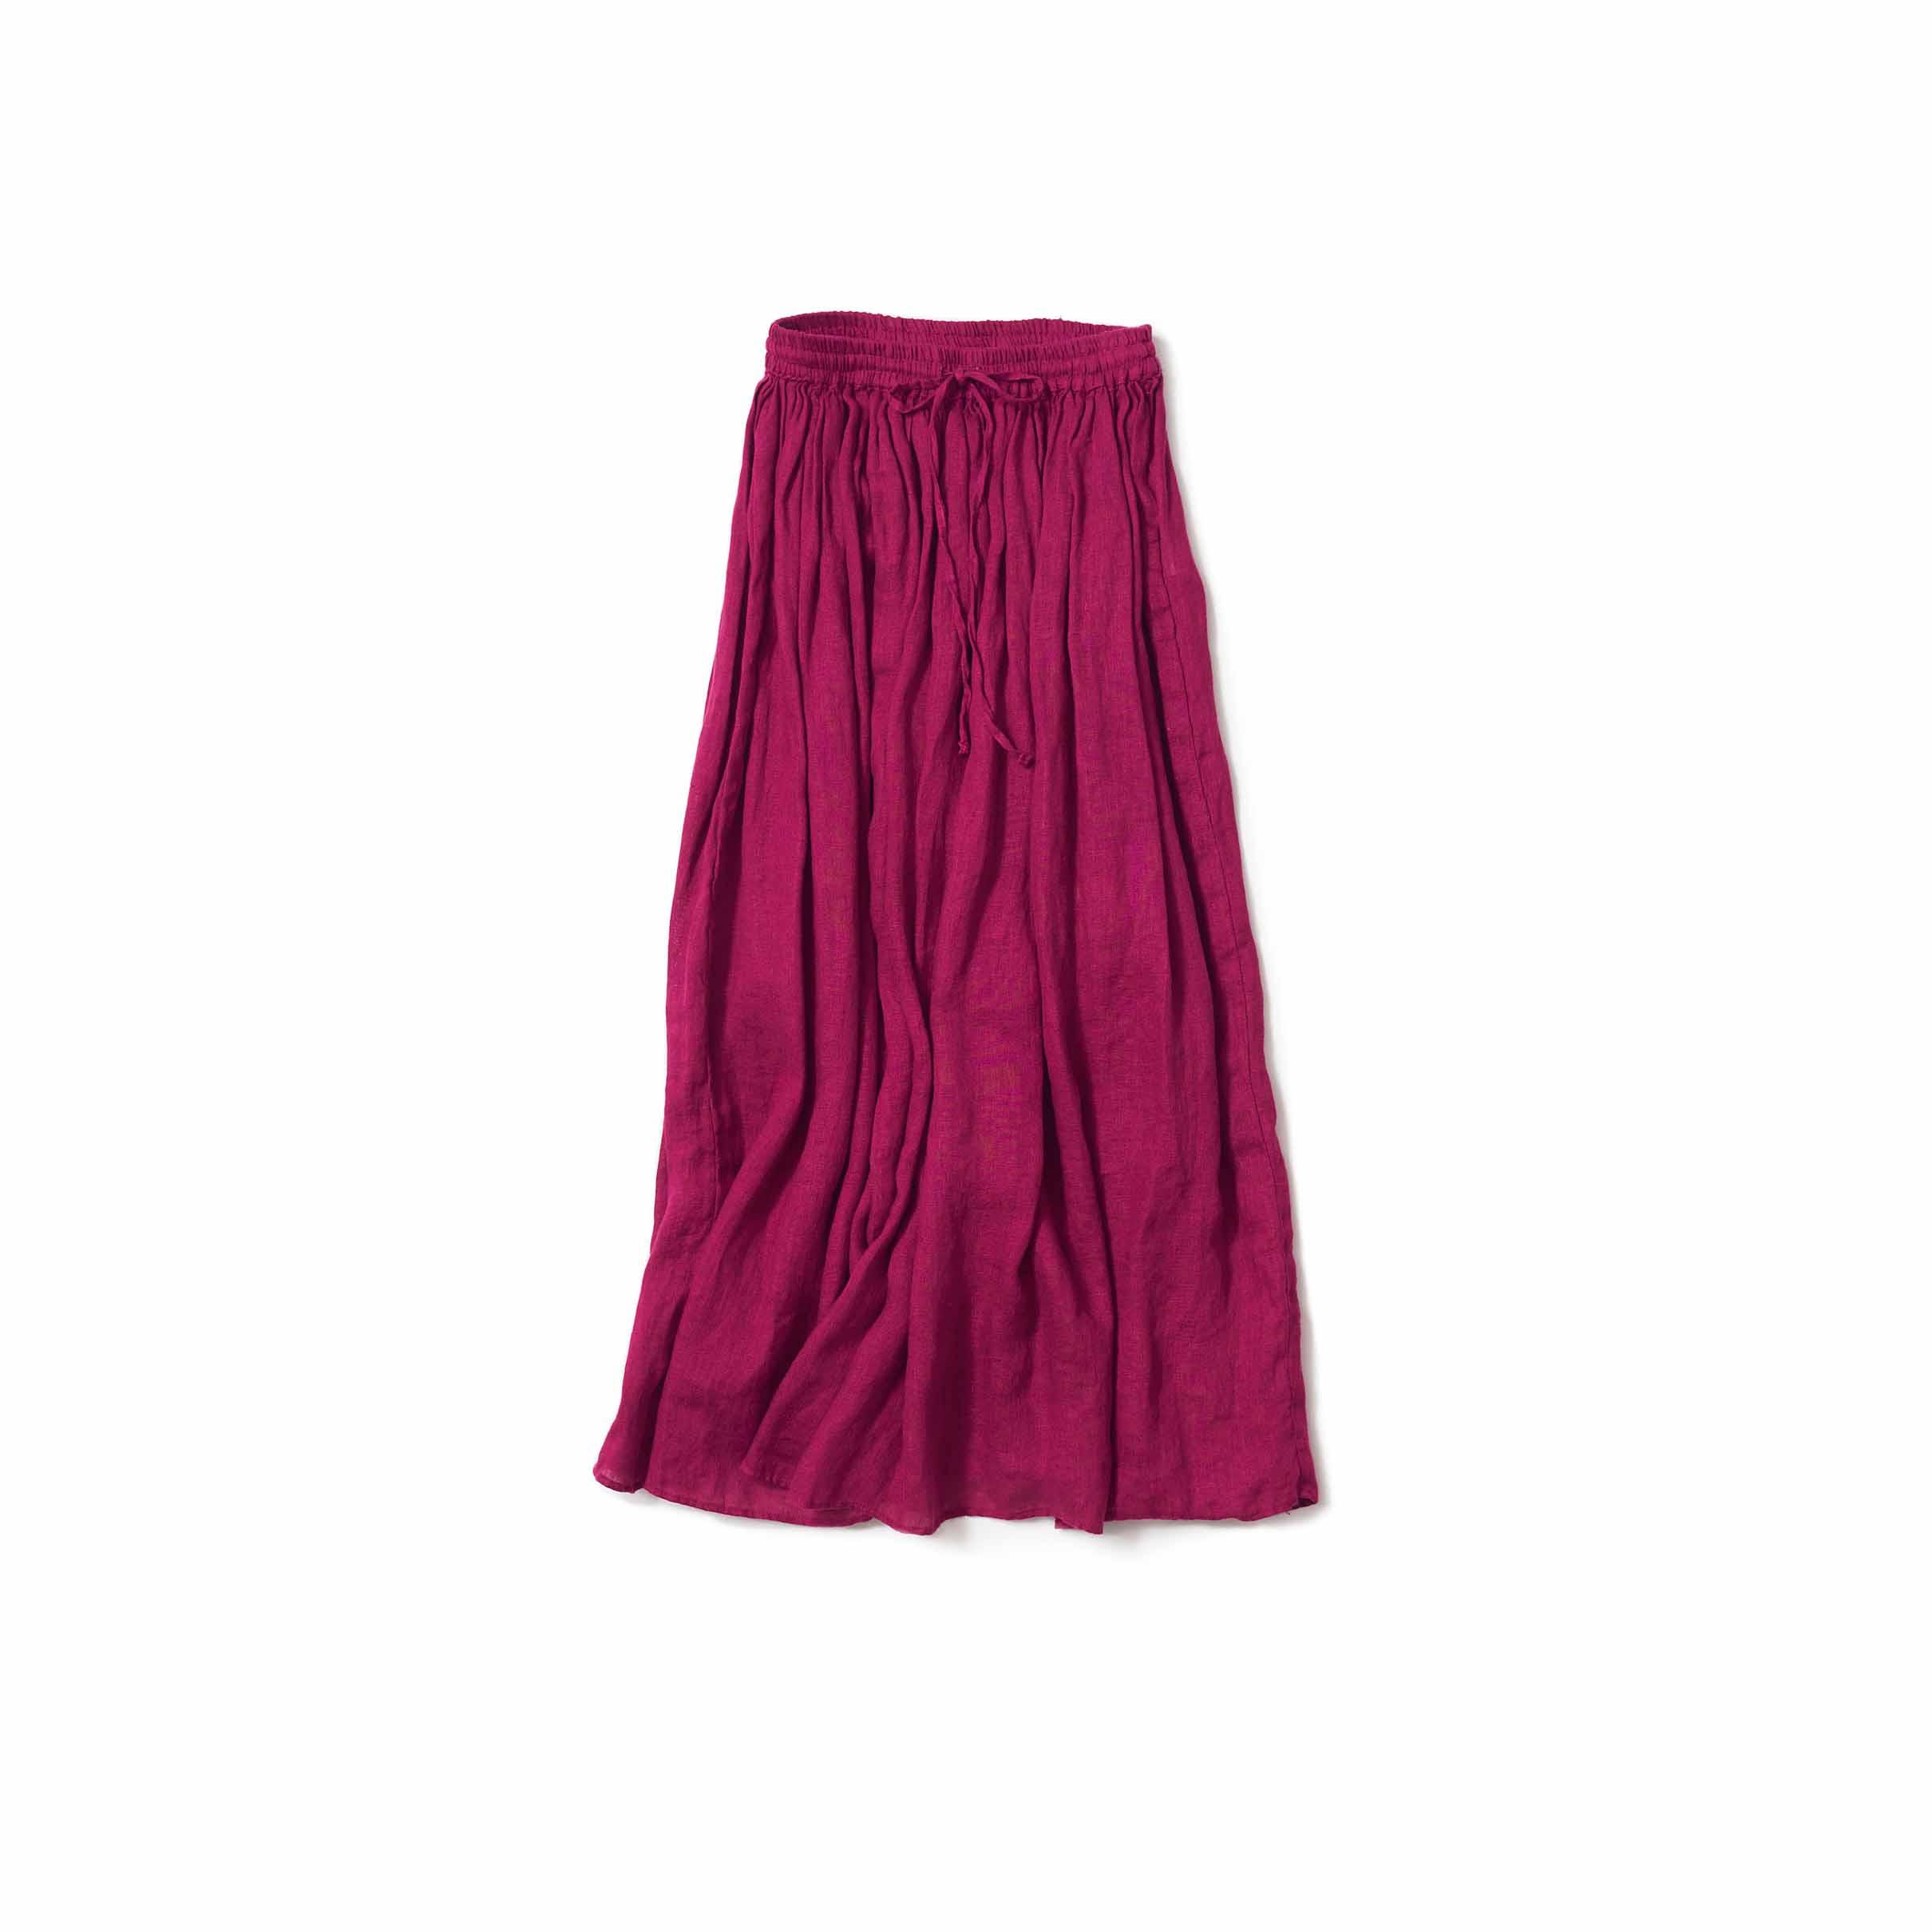 果実のようなラズベリー色のスカート